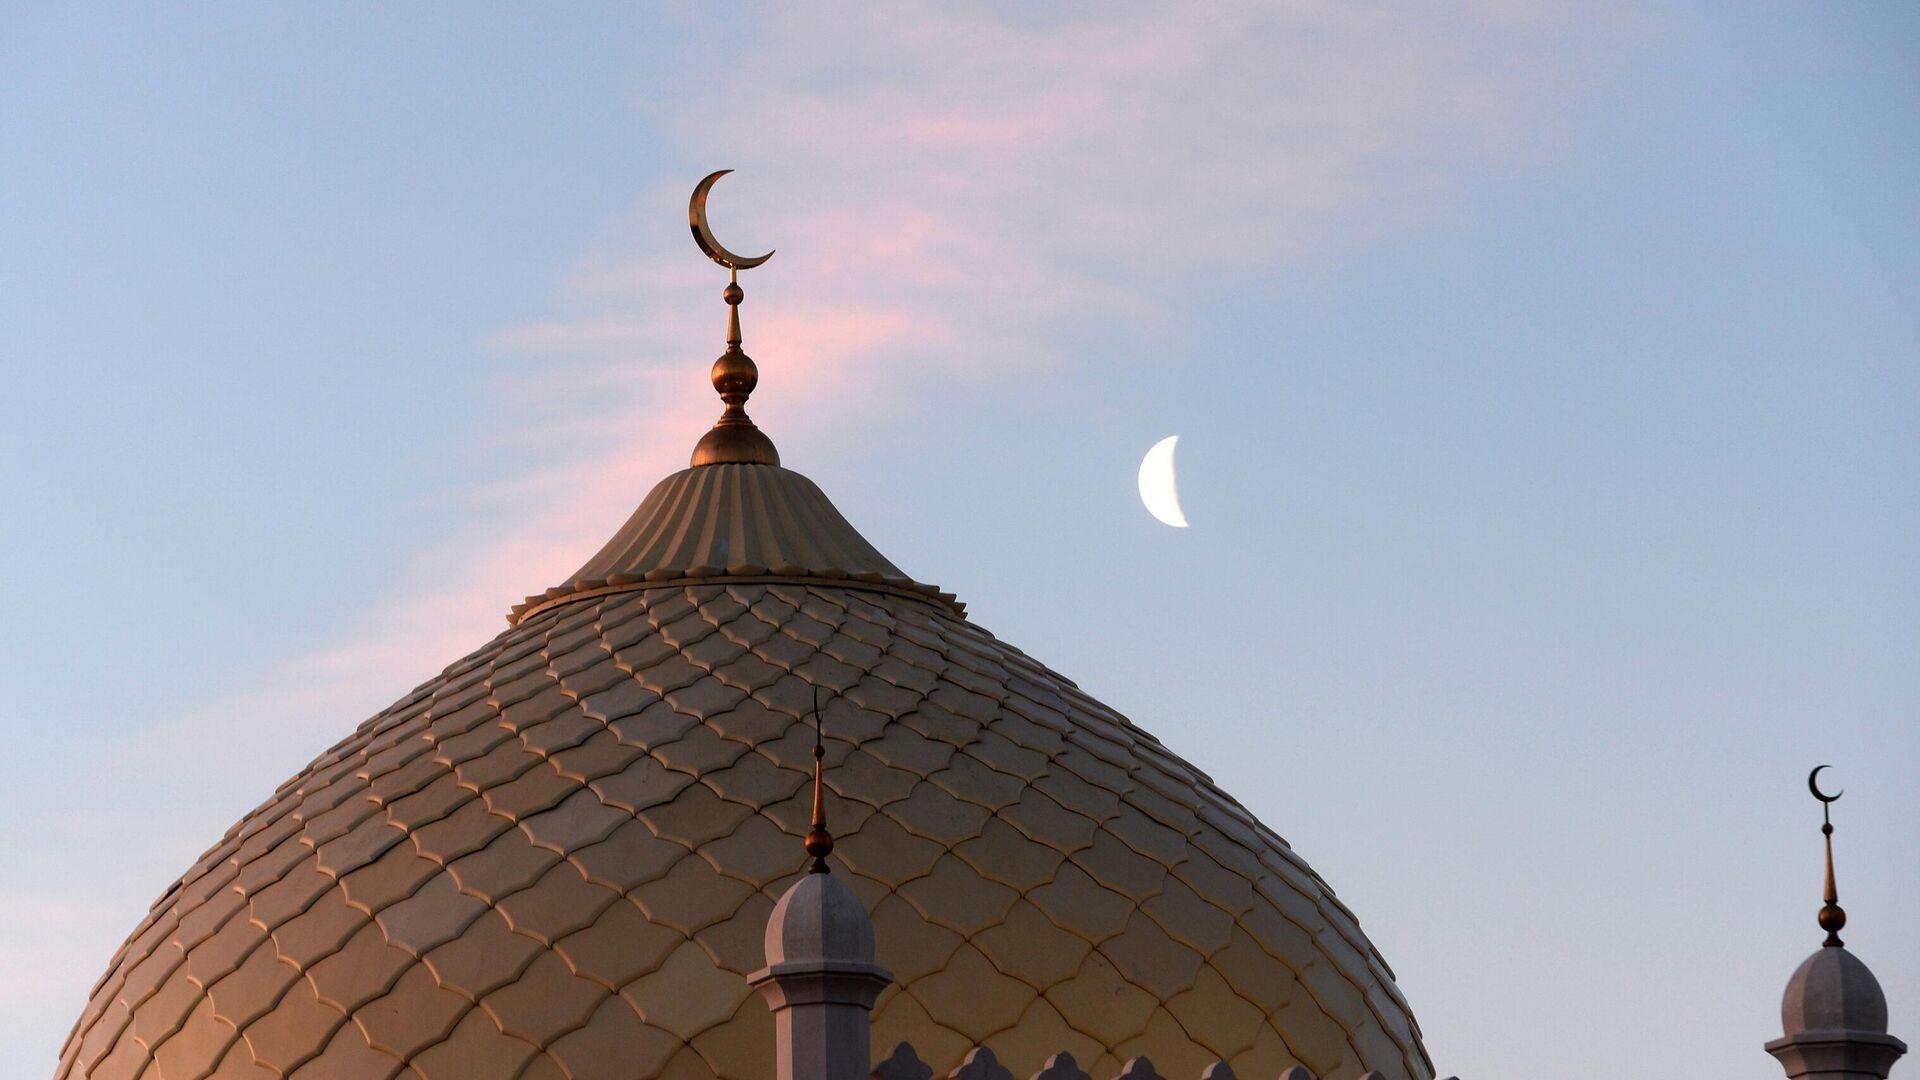 Соборная Ак-мечеть (Белая мечеть) , архивное фото - Sputnik Тоҷикистон, 1920, 01.10.2021